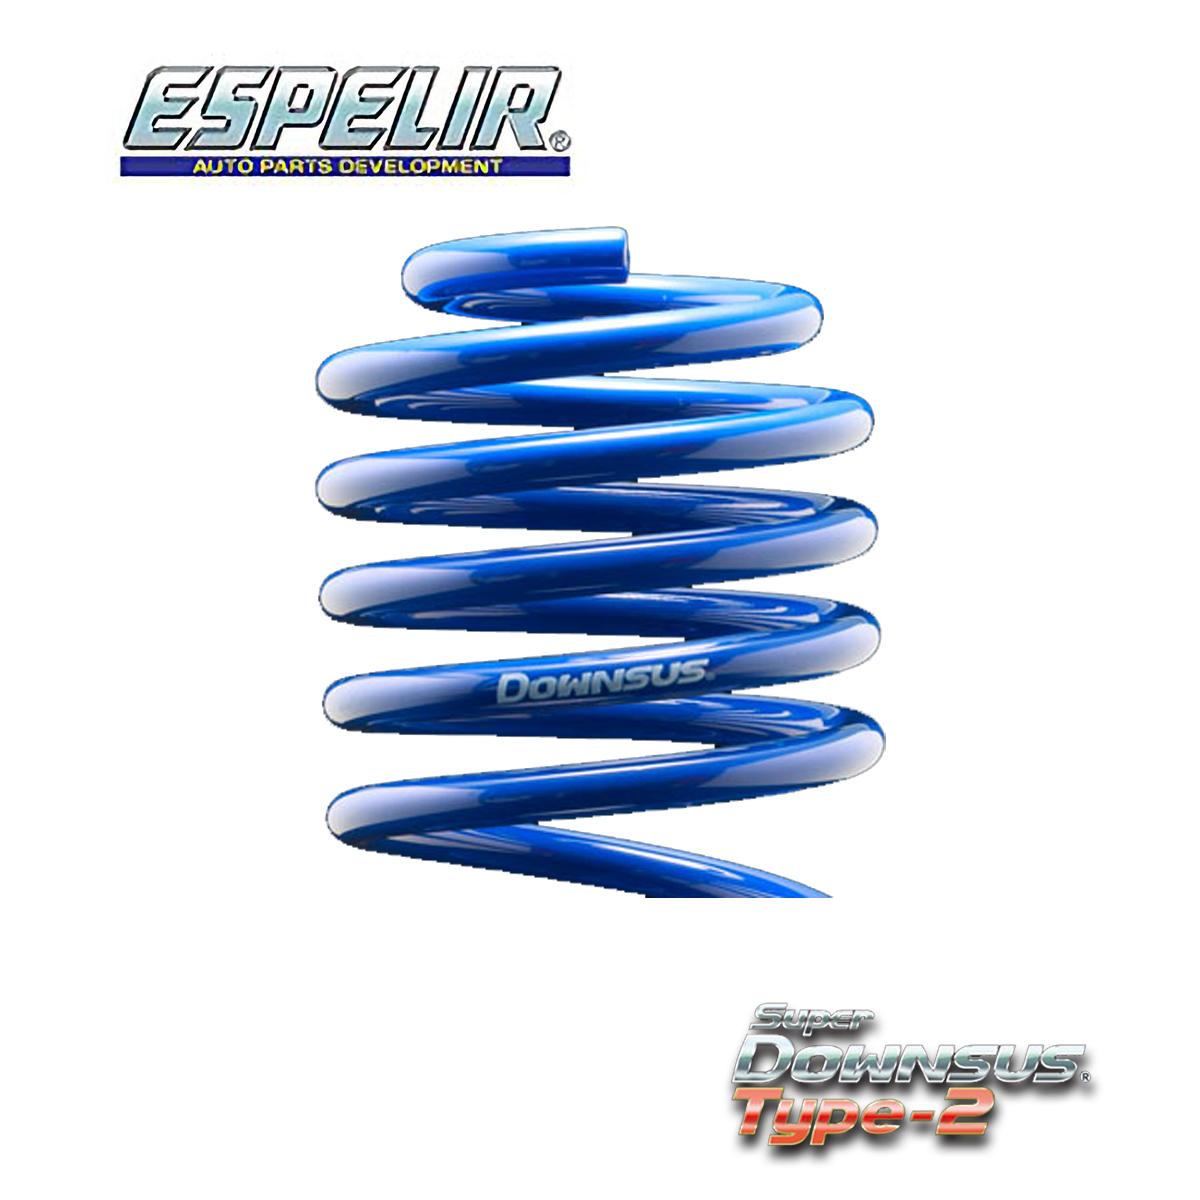 エスペリア セレナ HFC26 ハイウェイスターSハイブリッド スプリング ダウンサス リア リア ESN-1162R スーパーダウンサス タイプ2 Super DOWNSUS Type2 ESPELIR